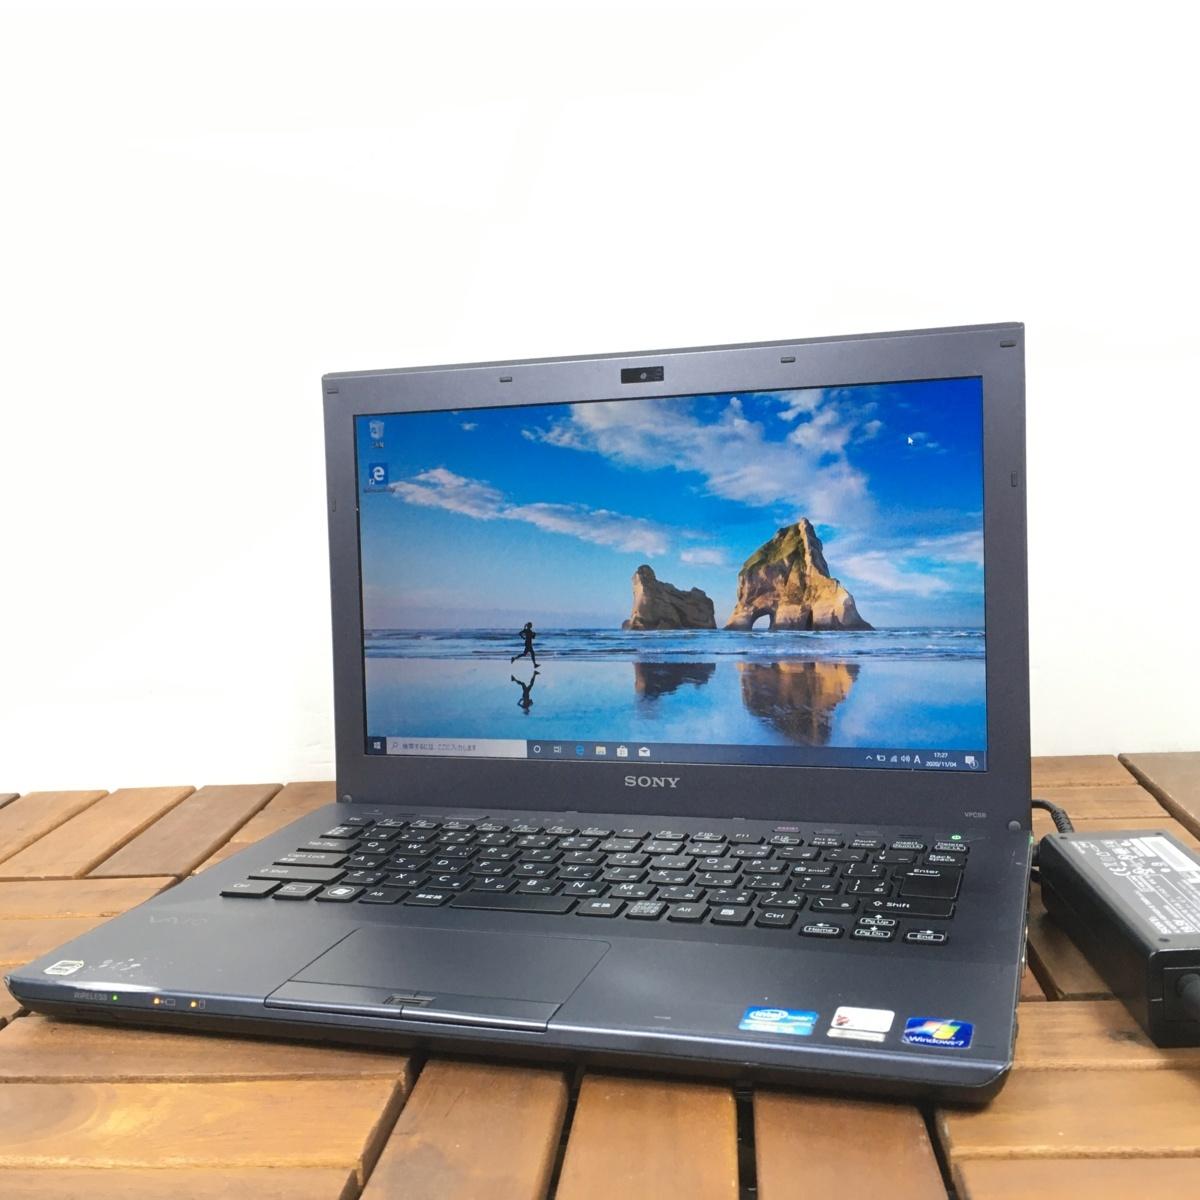 1円~【グラボ搭載】Windows10/Webカメラ搭載!【SONY ソニー/VAIO PCG-4121GN】Core i3-2350M/メモリ4GB/HDD320GB【ジャンク】_画像1